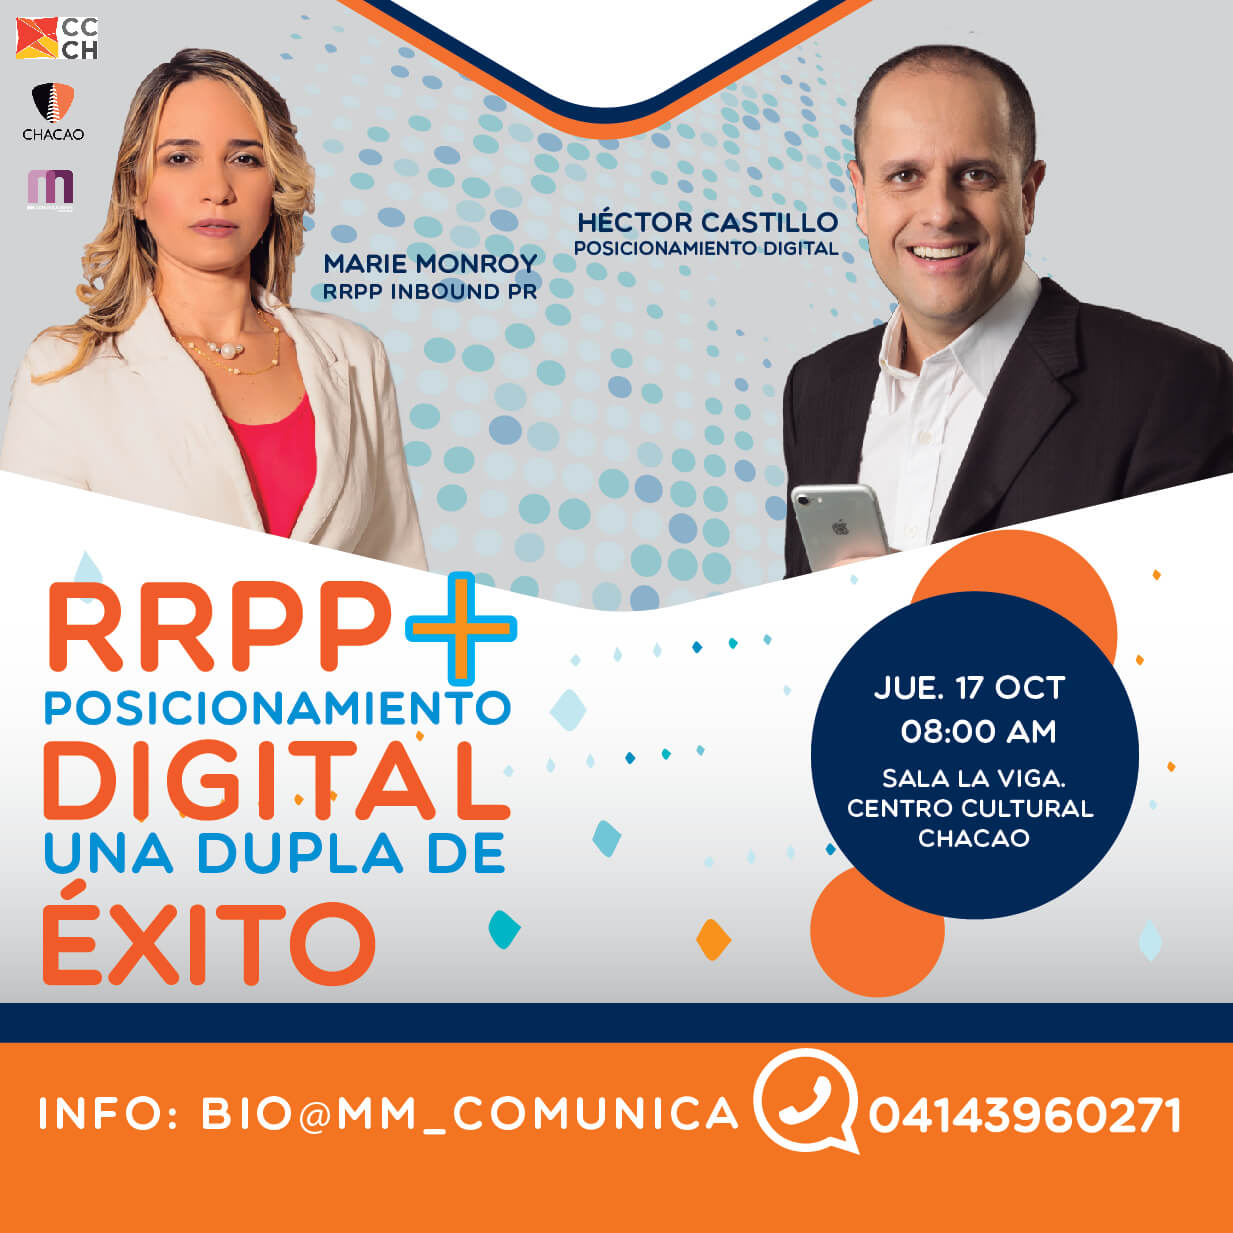 Flyer RRPP y Posicionamiento Digital